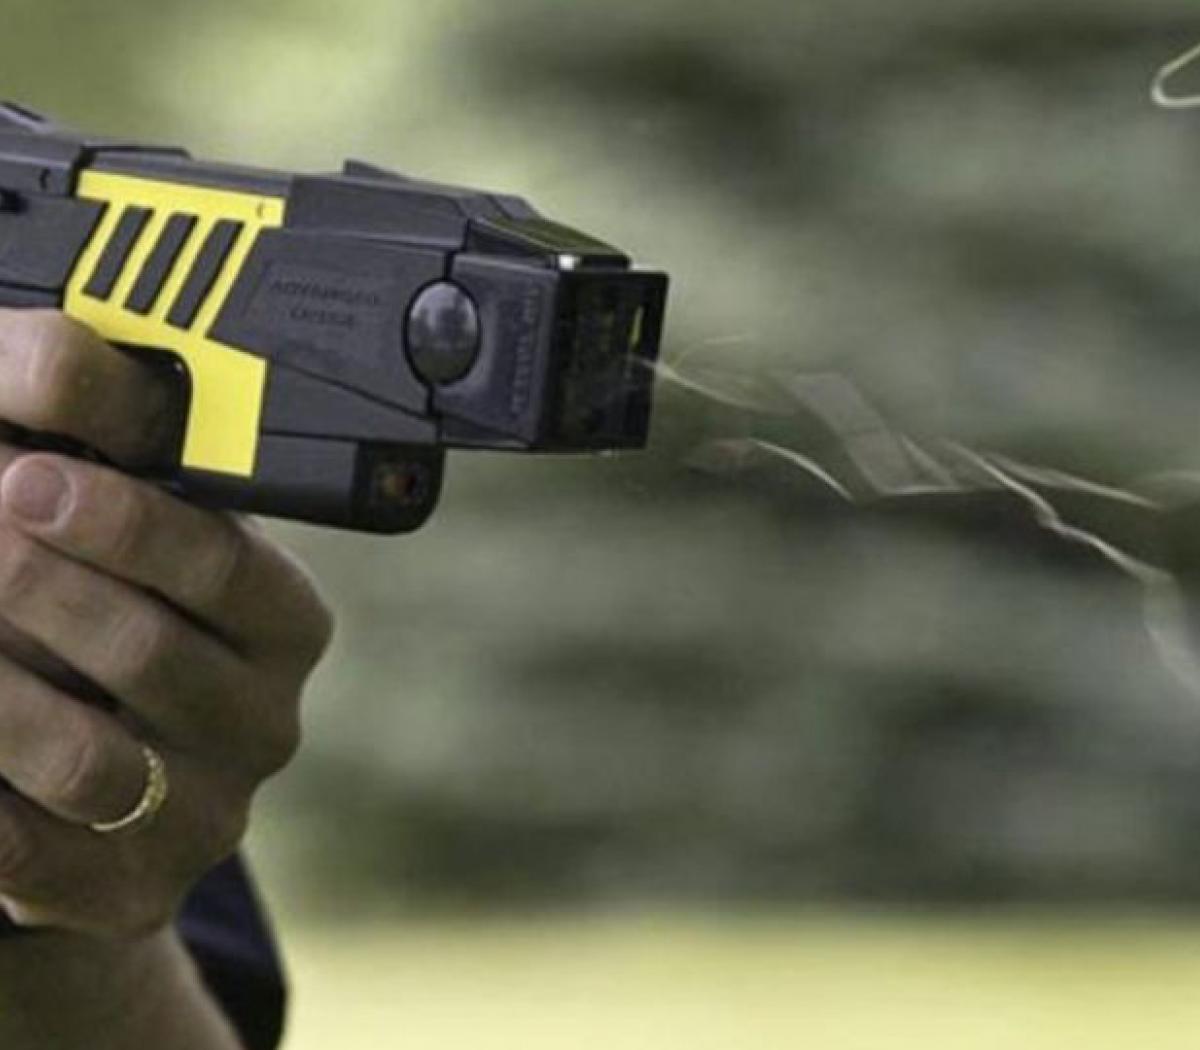 El peligro de las Taser | Advierten sobre la letali... | Página12